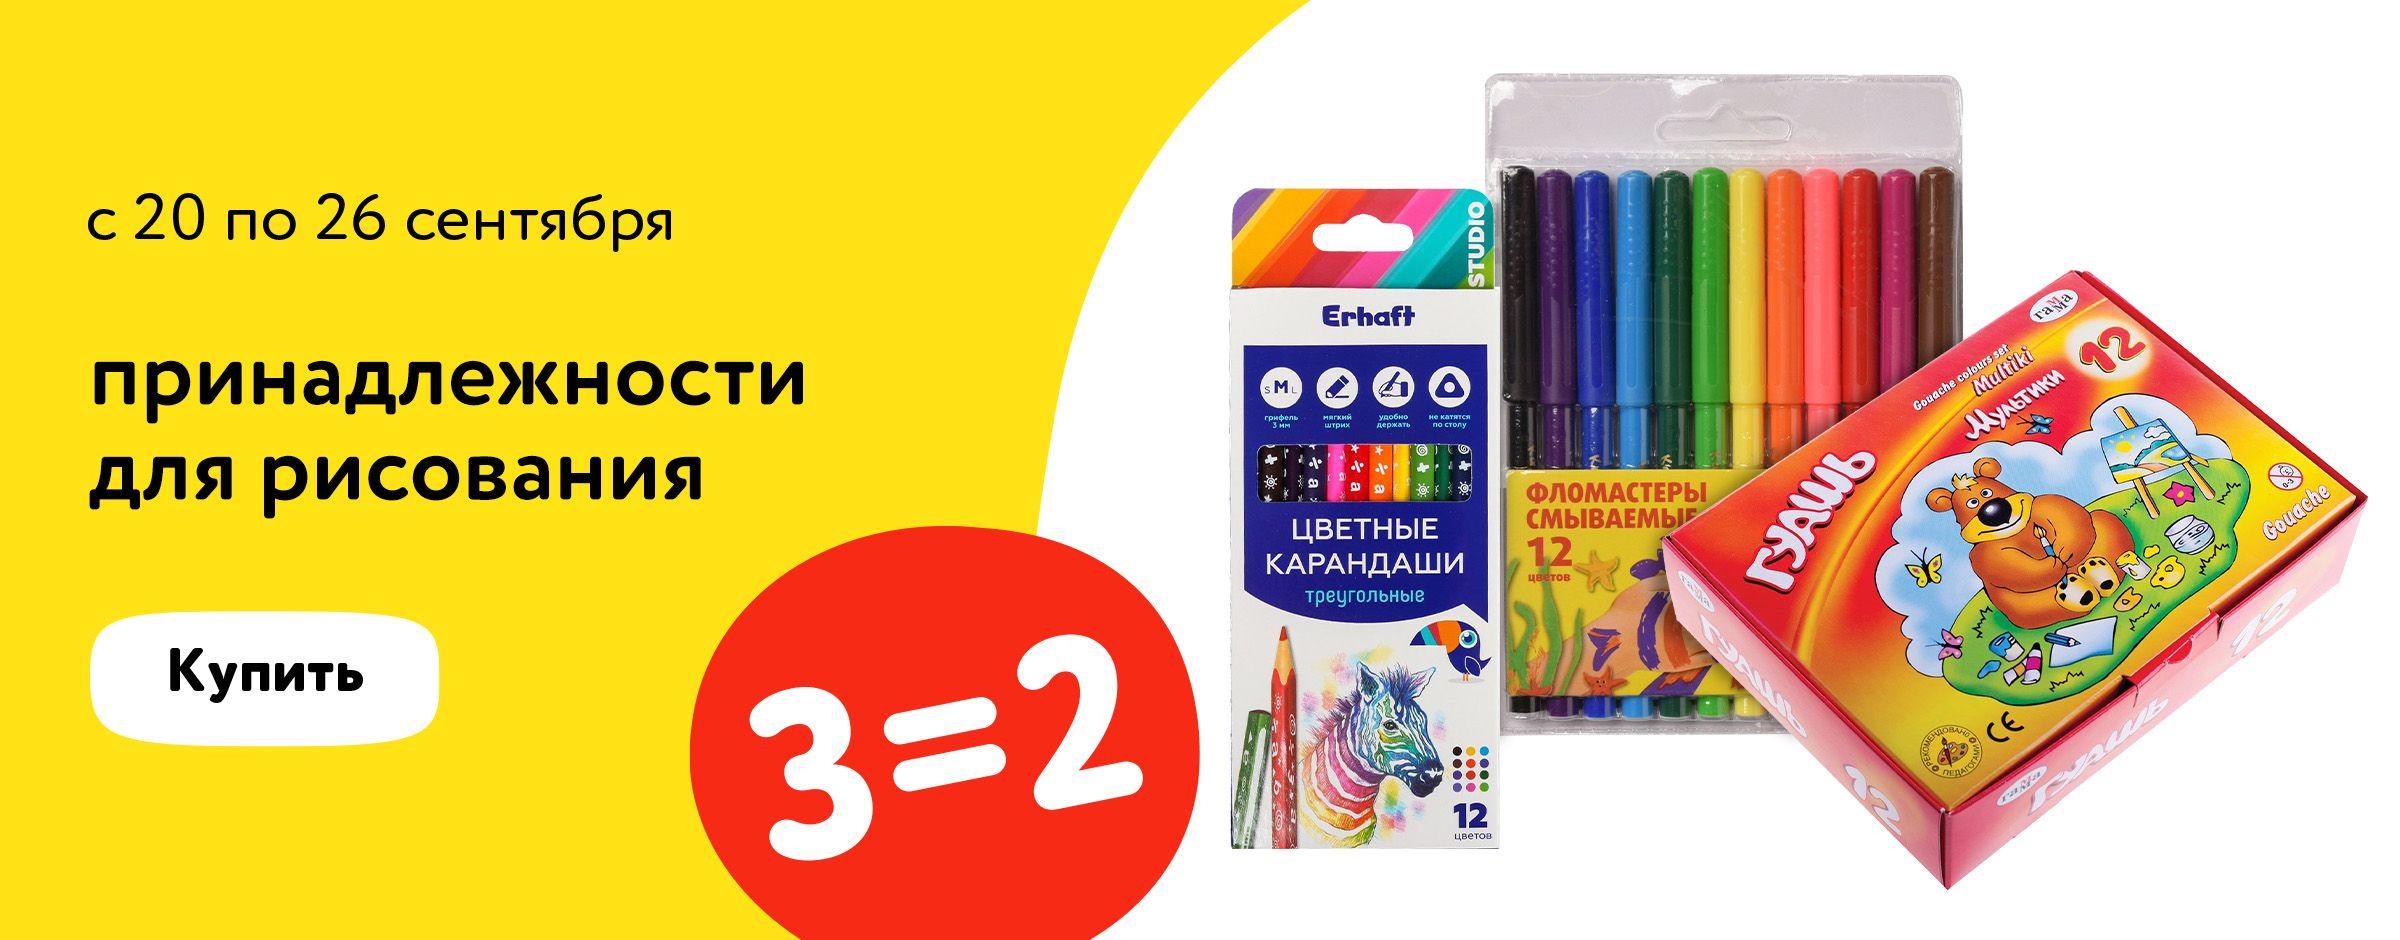 3=2 на принадлежности для рисования Школа